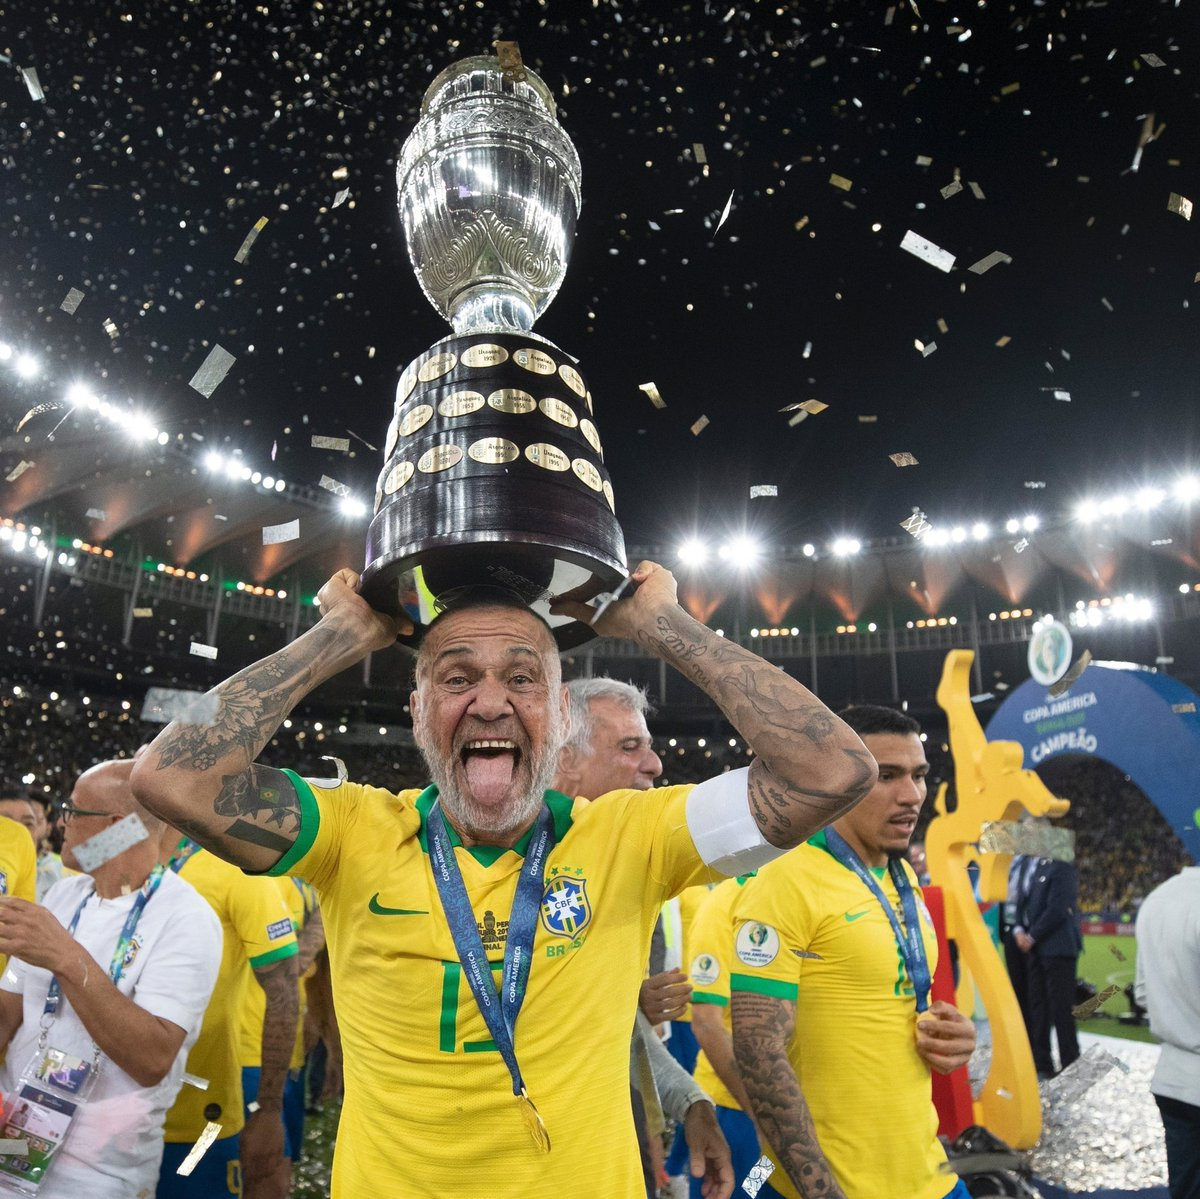 O ano é 2049... Sim, o Dani Alves segue levantando TAÇAS! 🏆👴🏻🇧🇷😂  #VimdoFuturo #CopaAmérica  Foto: Lucas Figueiredo / CBF